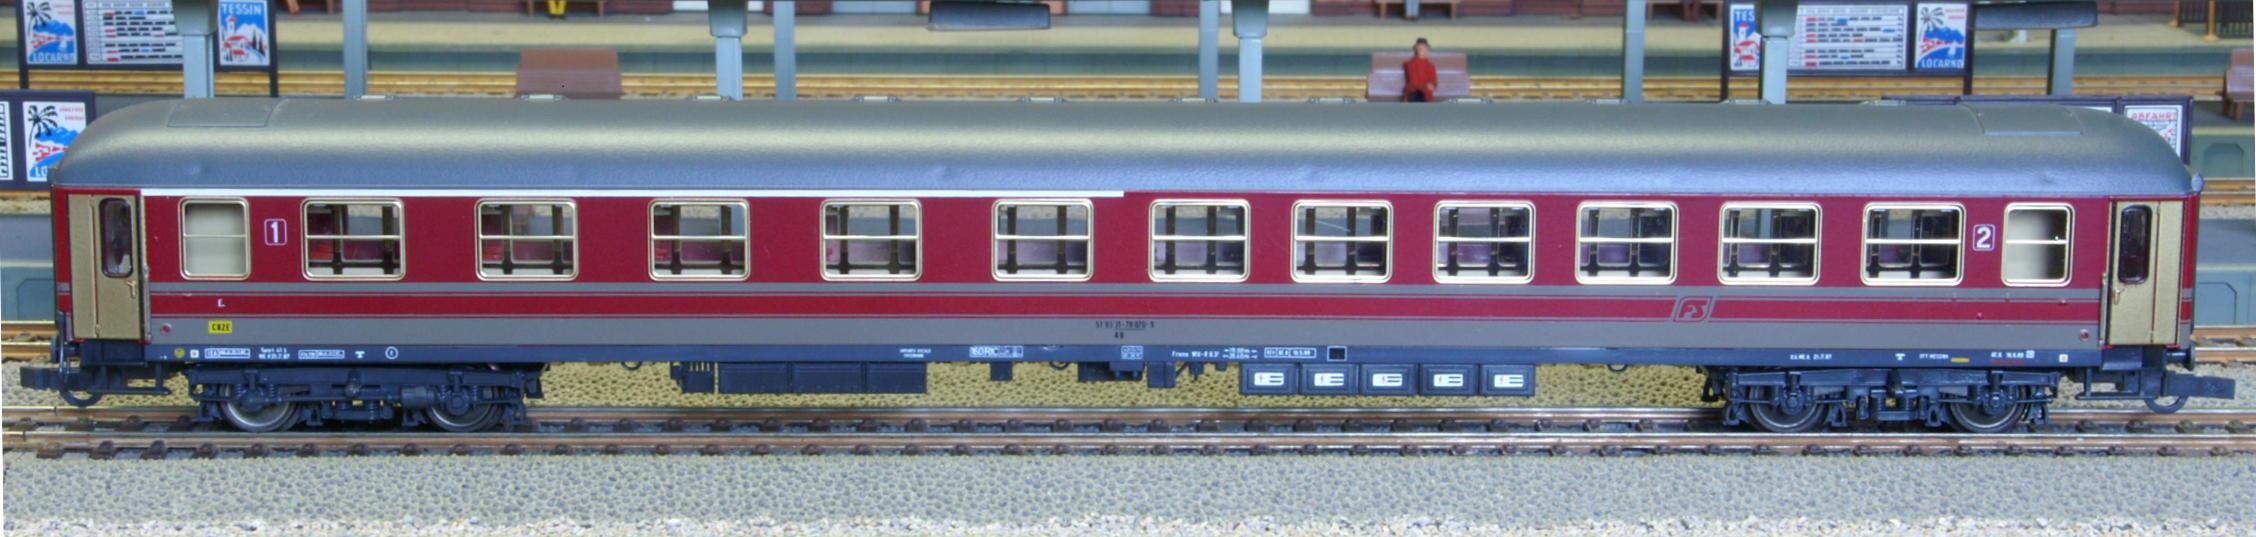 Roco 44715 - FS ABm, rot-grau